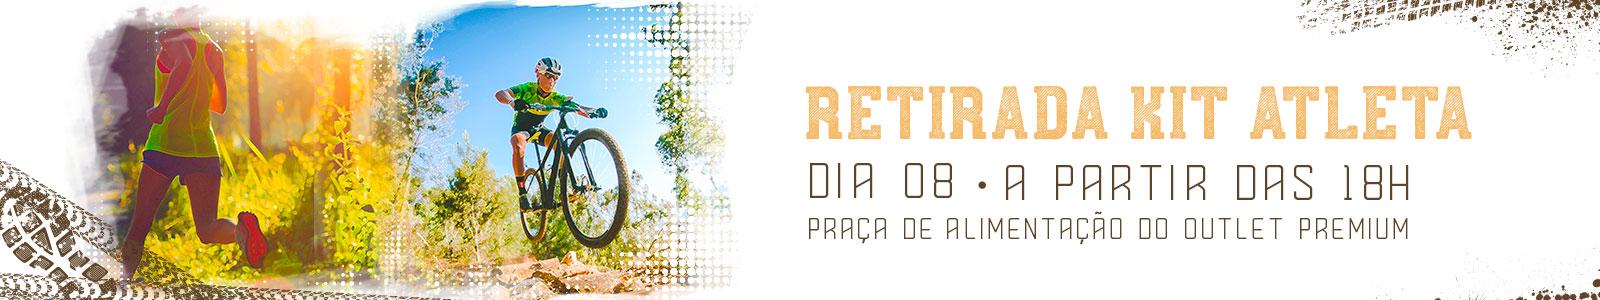 DESAFIO LATITUDE 12 PREMIUM - Imagem de topo